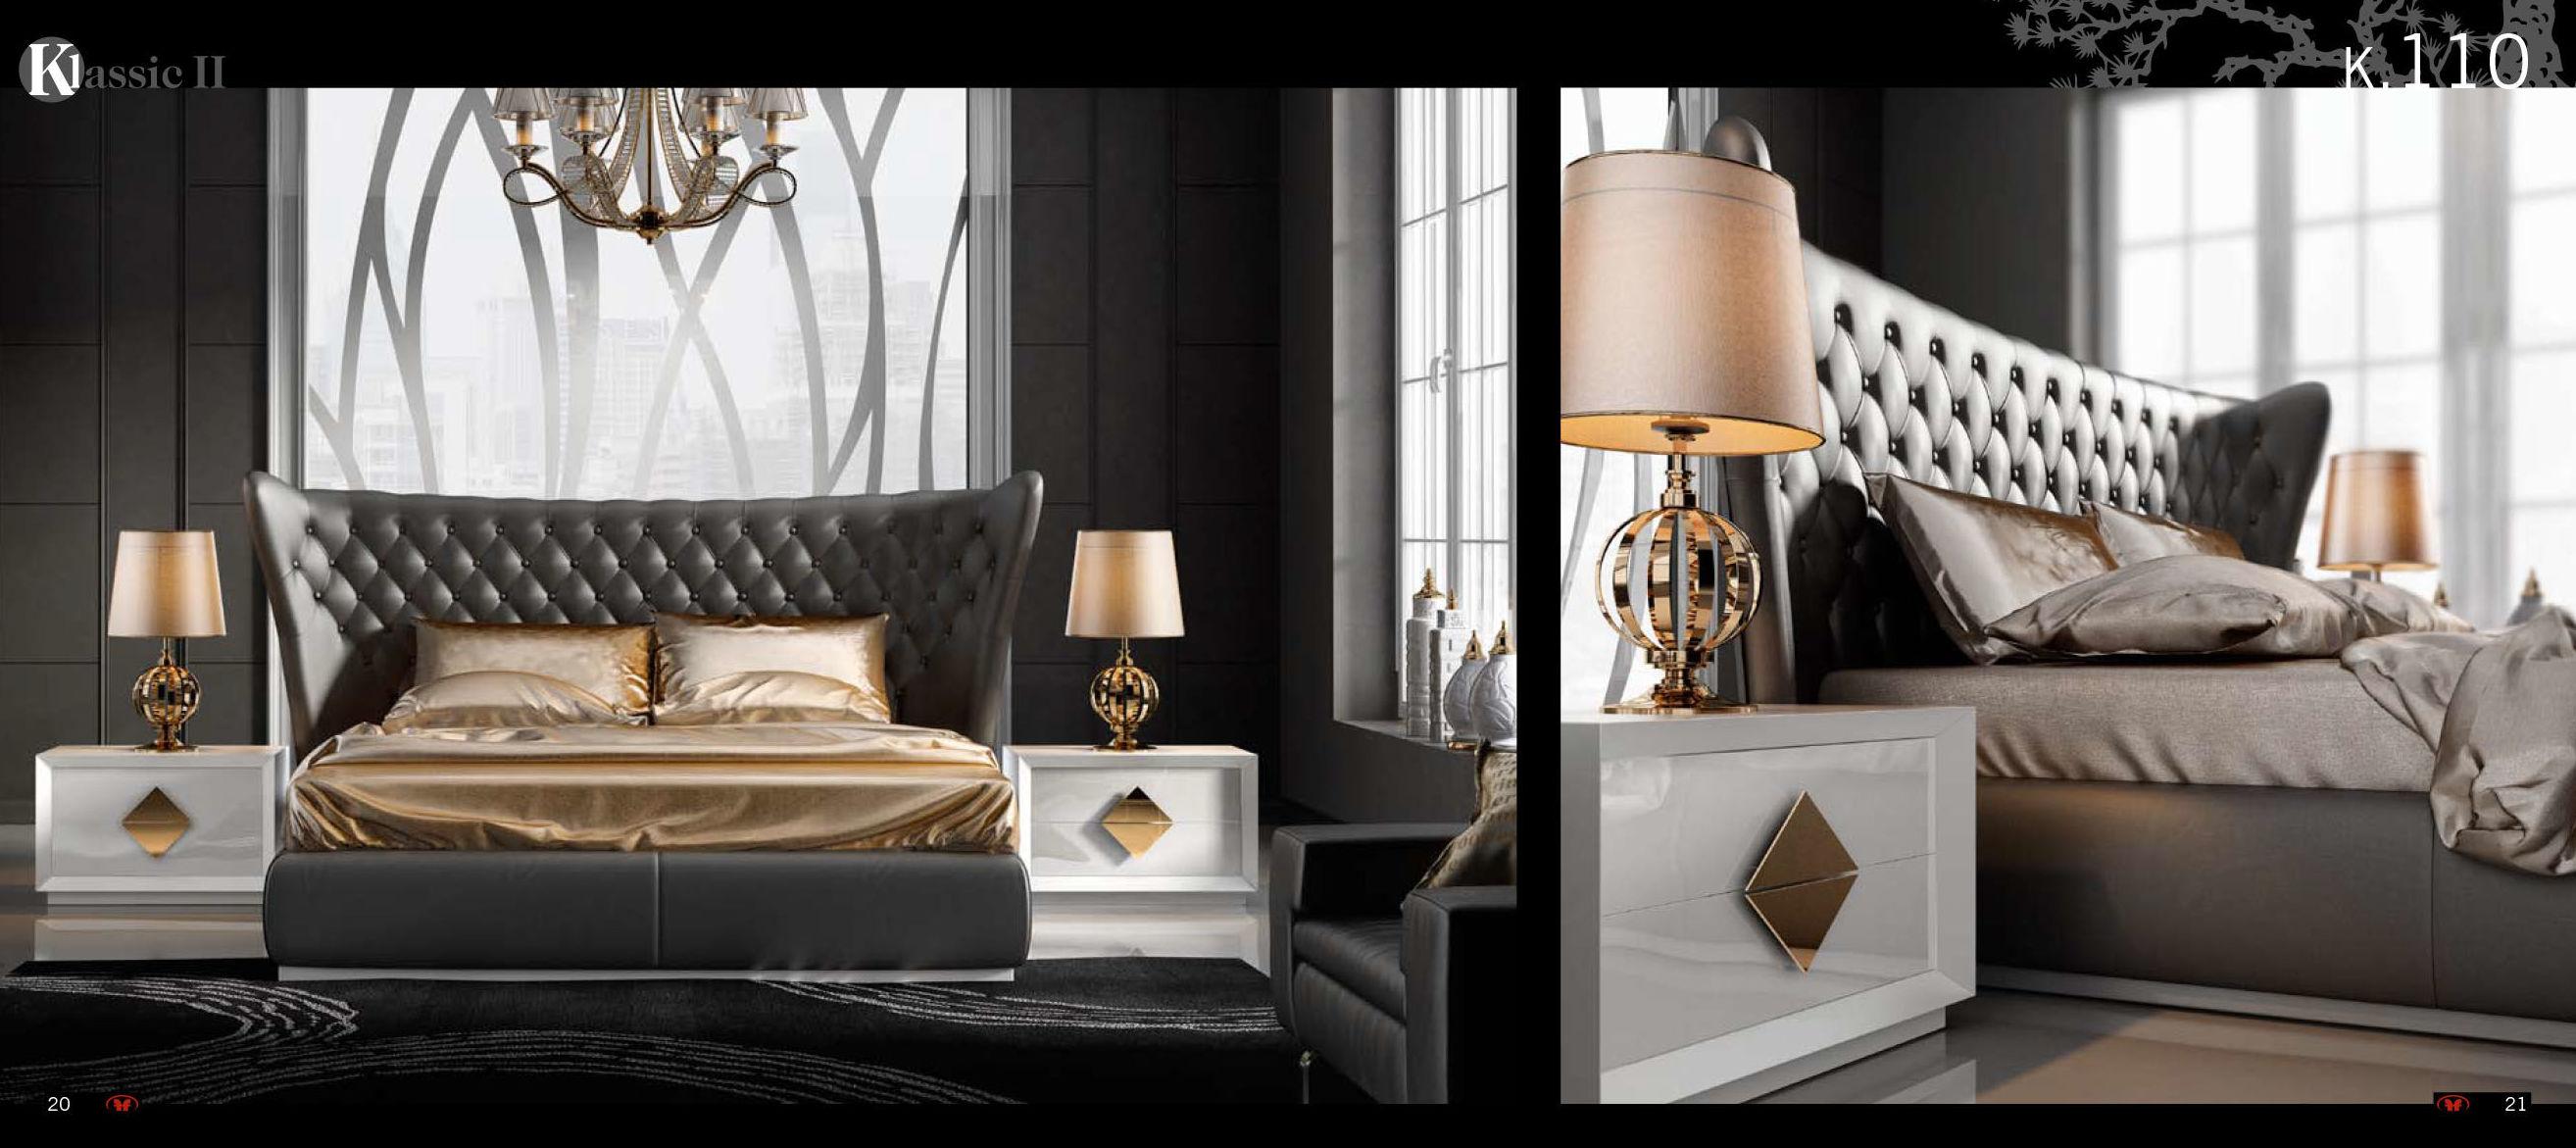 Franco furniture colecci n klassic 2 cat logo de muebles for Muebles y complementos